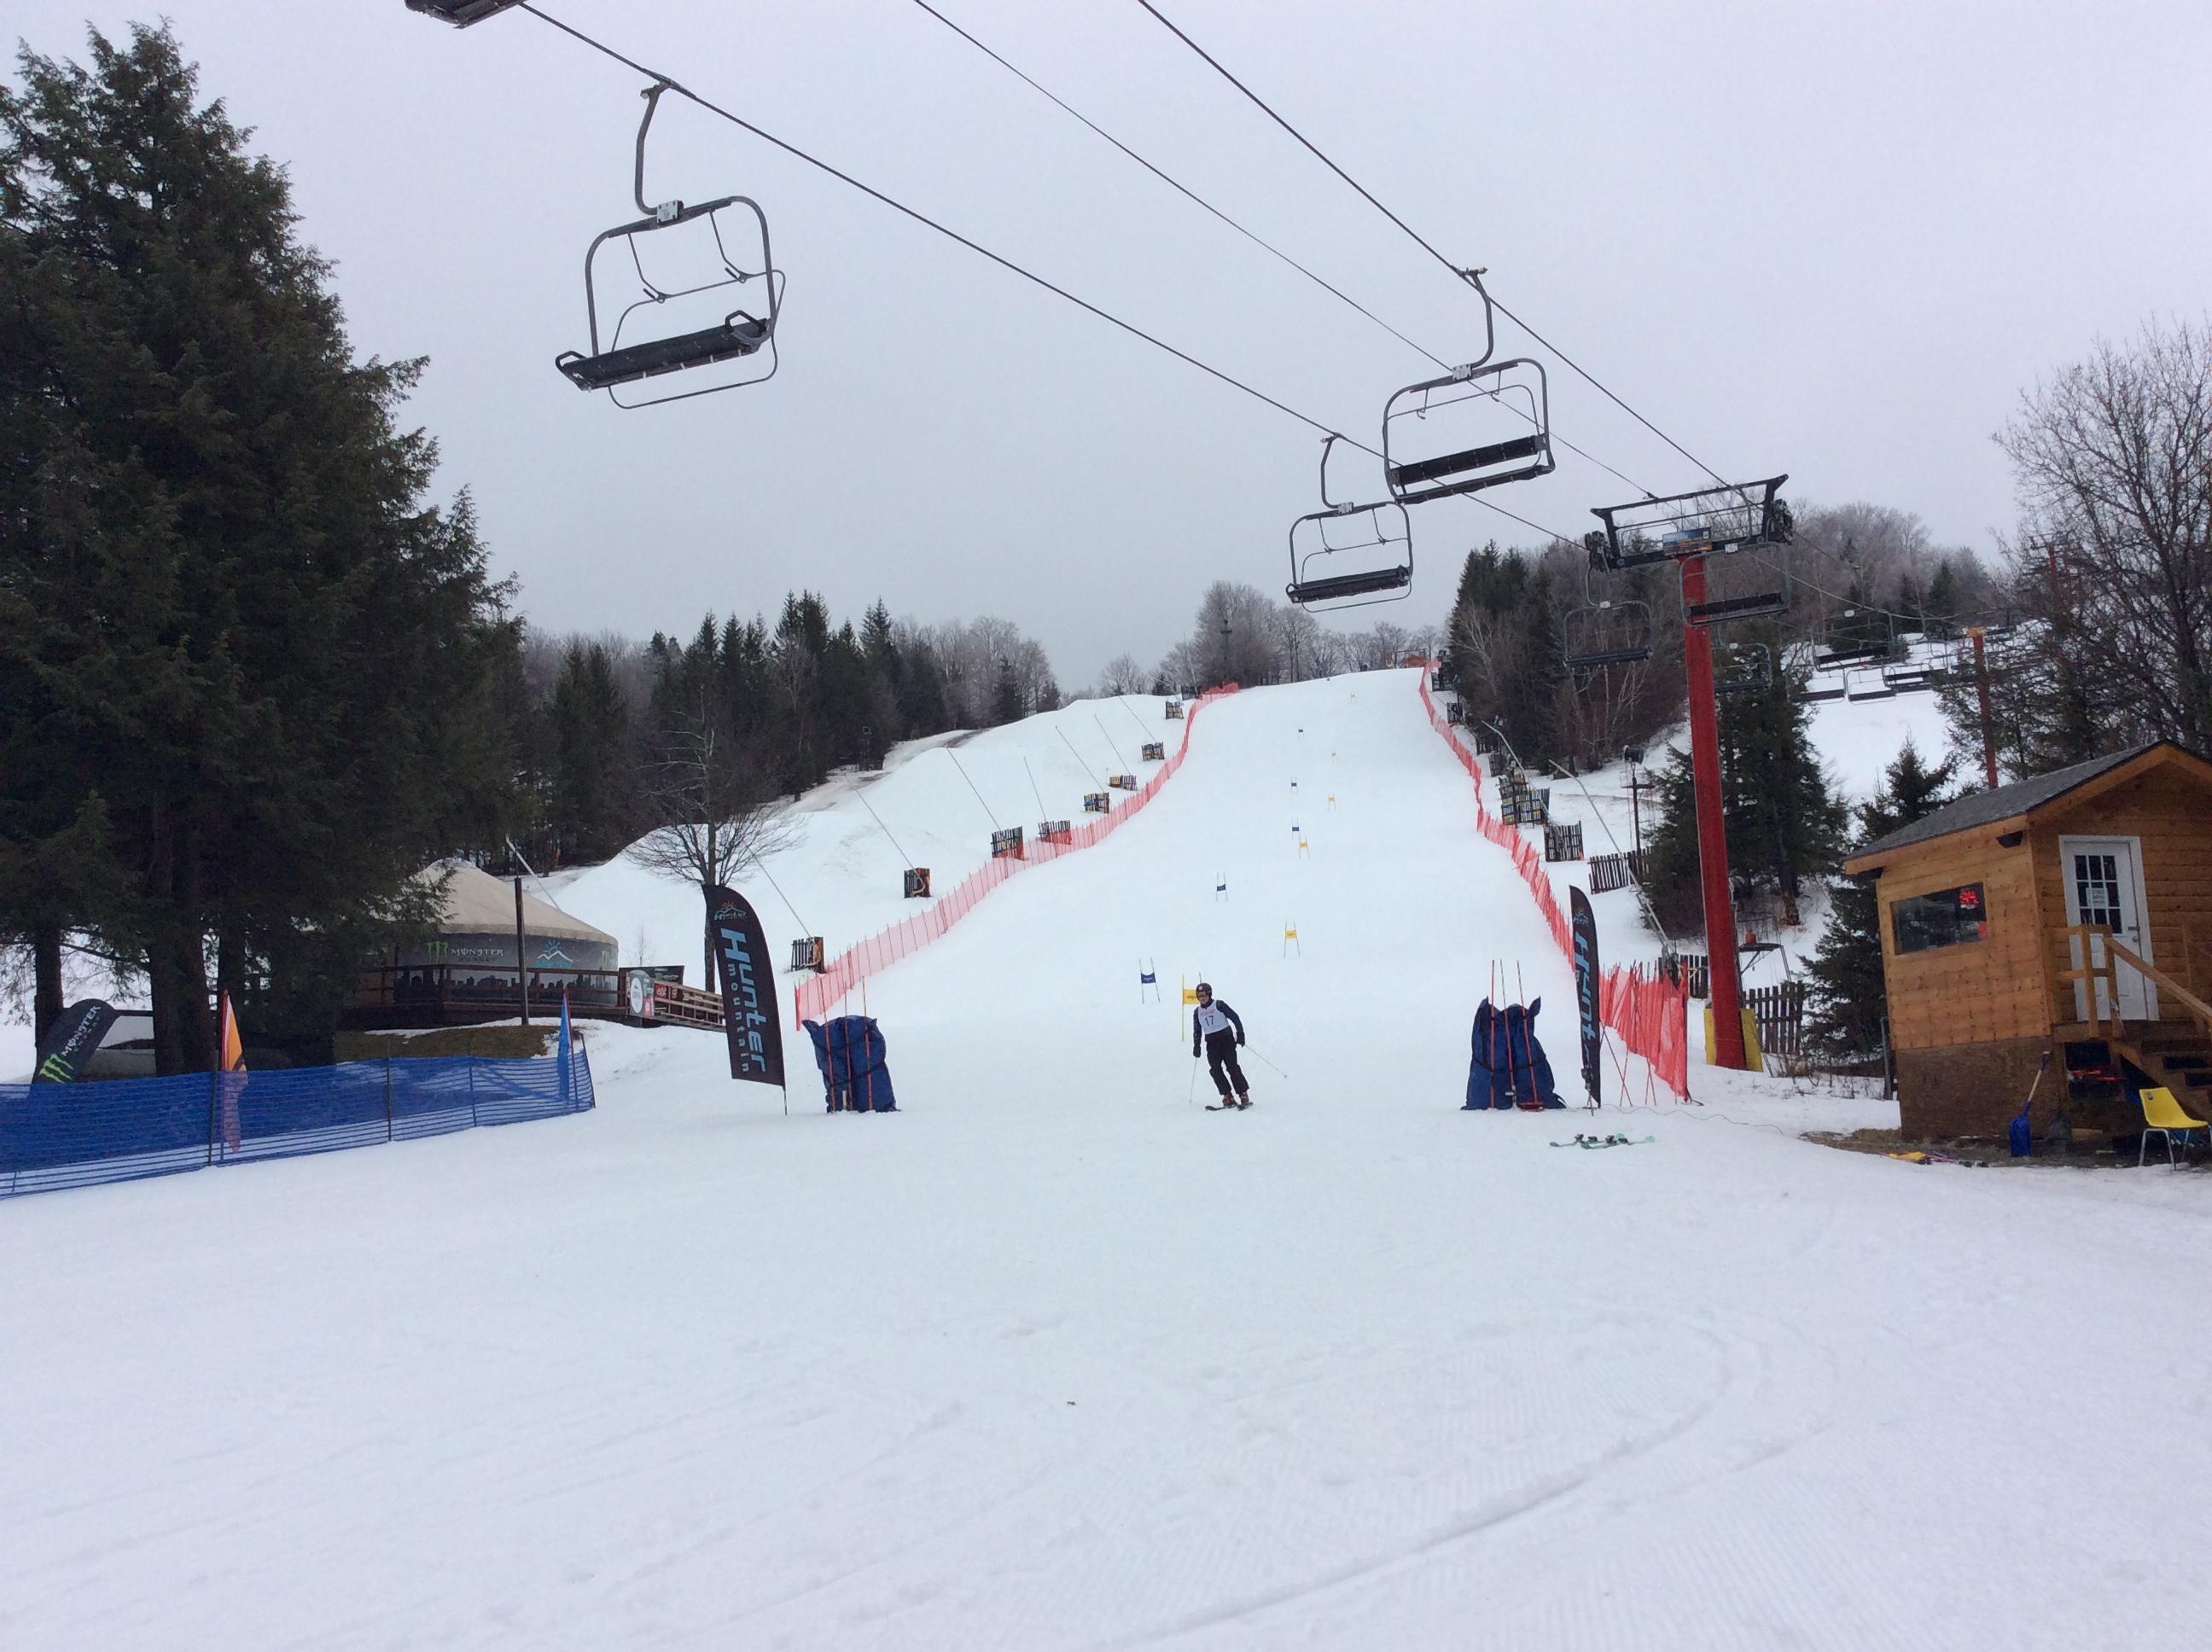 nypd-ski-club_31553665594_o